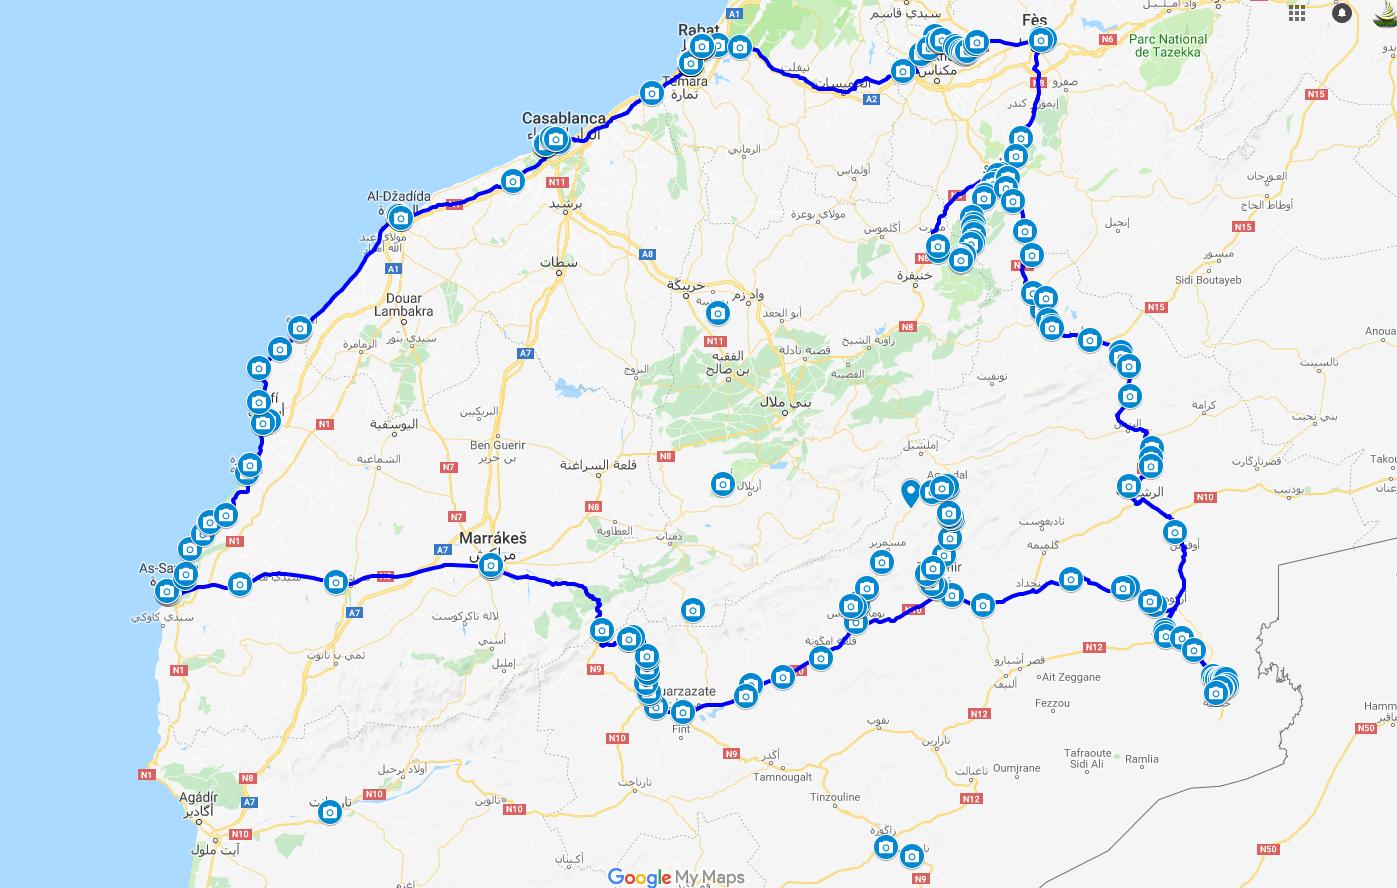 https://www.kempy-chaty.cz/sites/default/files/turistika/cesta_po_maroku_mapa_1.png